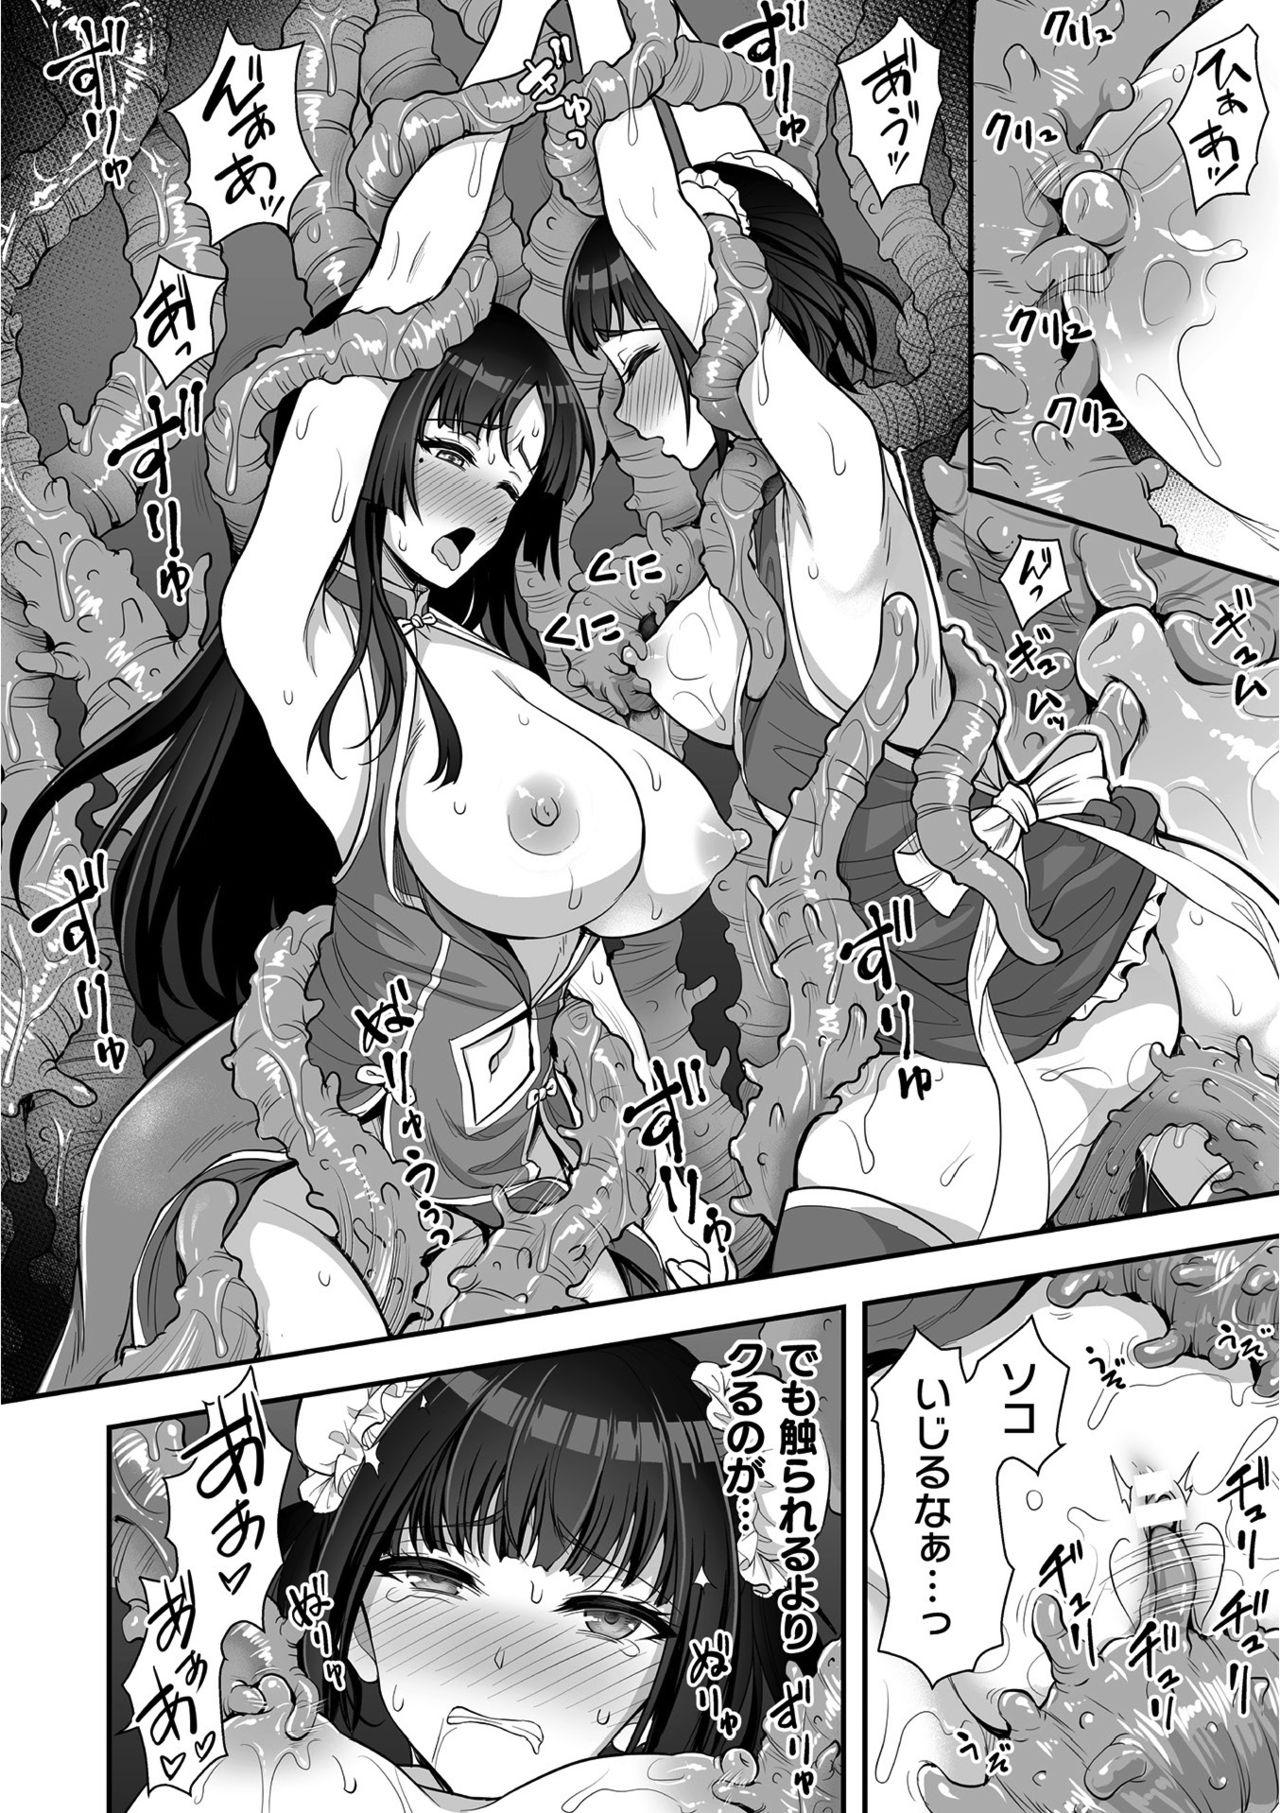 Kukkoro Heroines Vol. 12 41